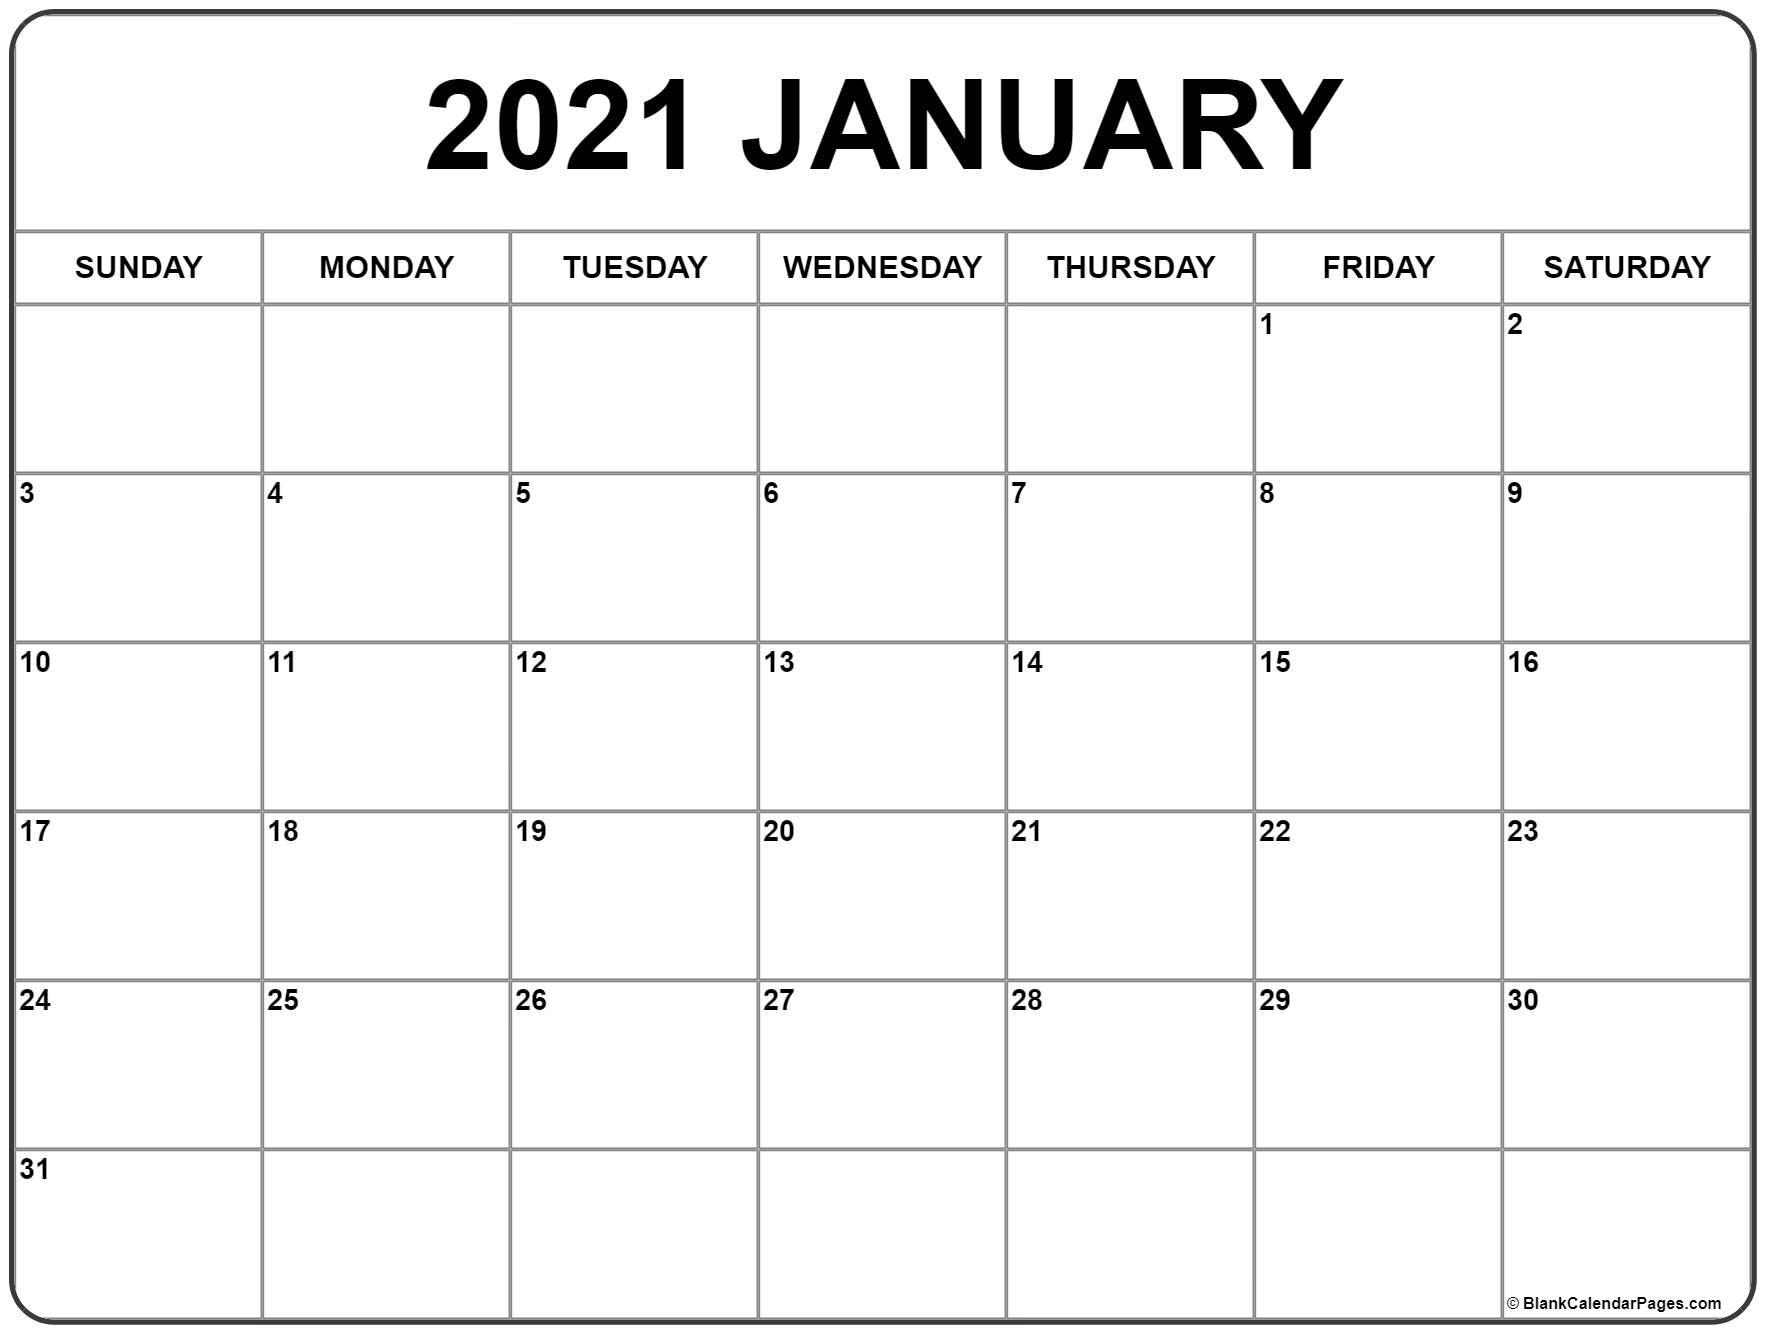 Catch January 2021 Calendar